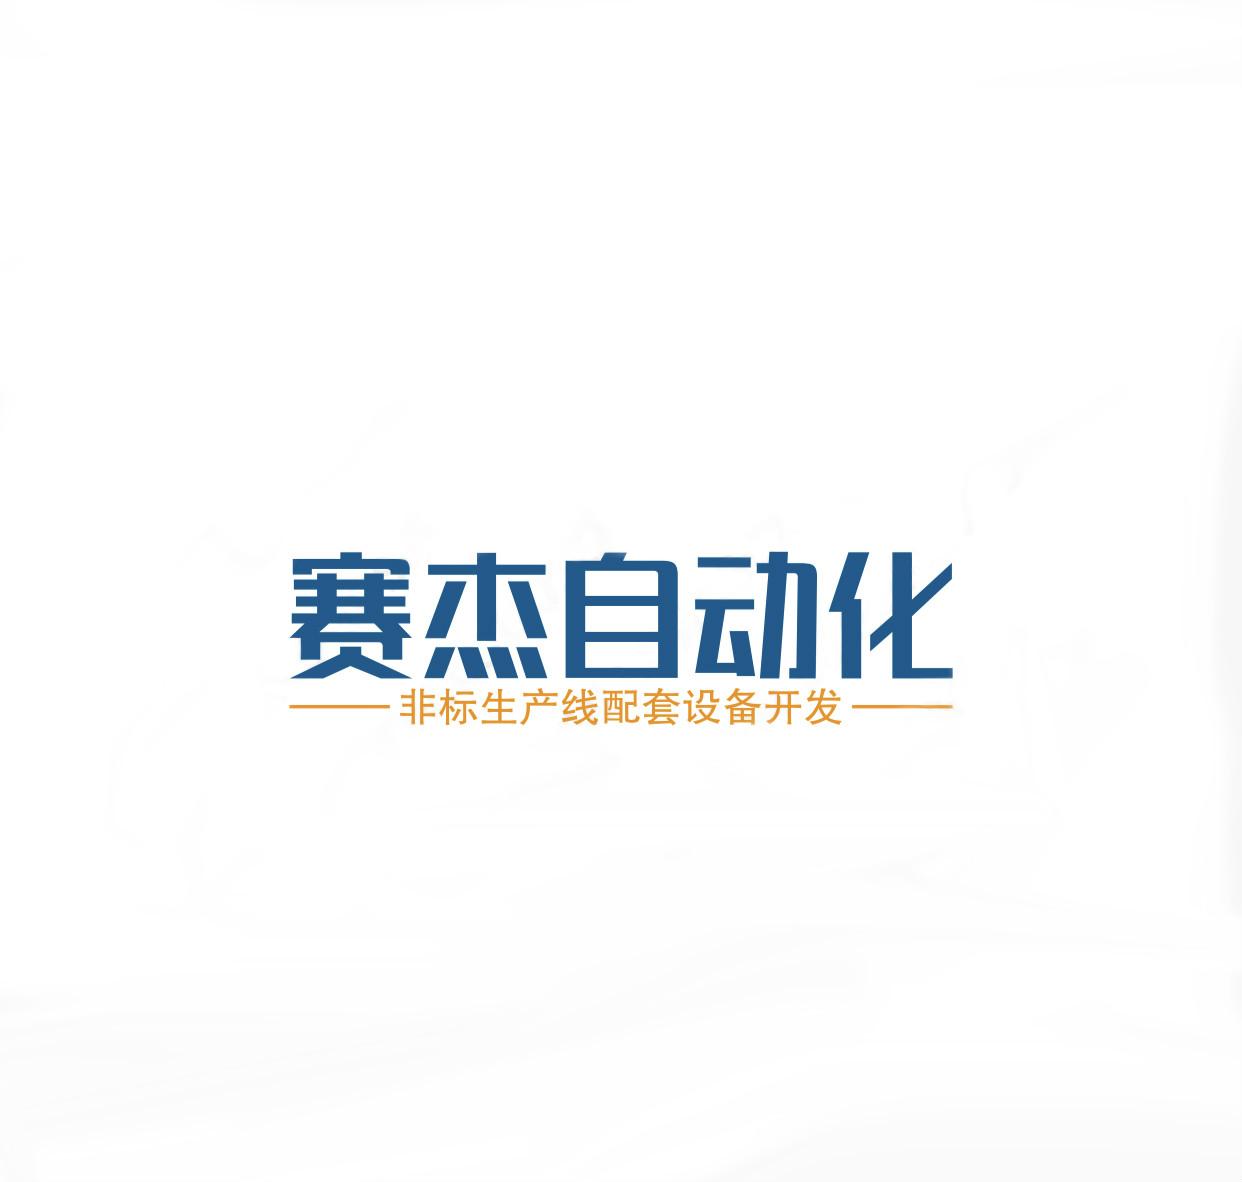 寧波賽杰自動化設備有限公司